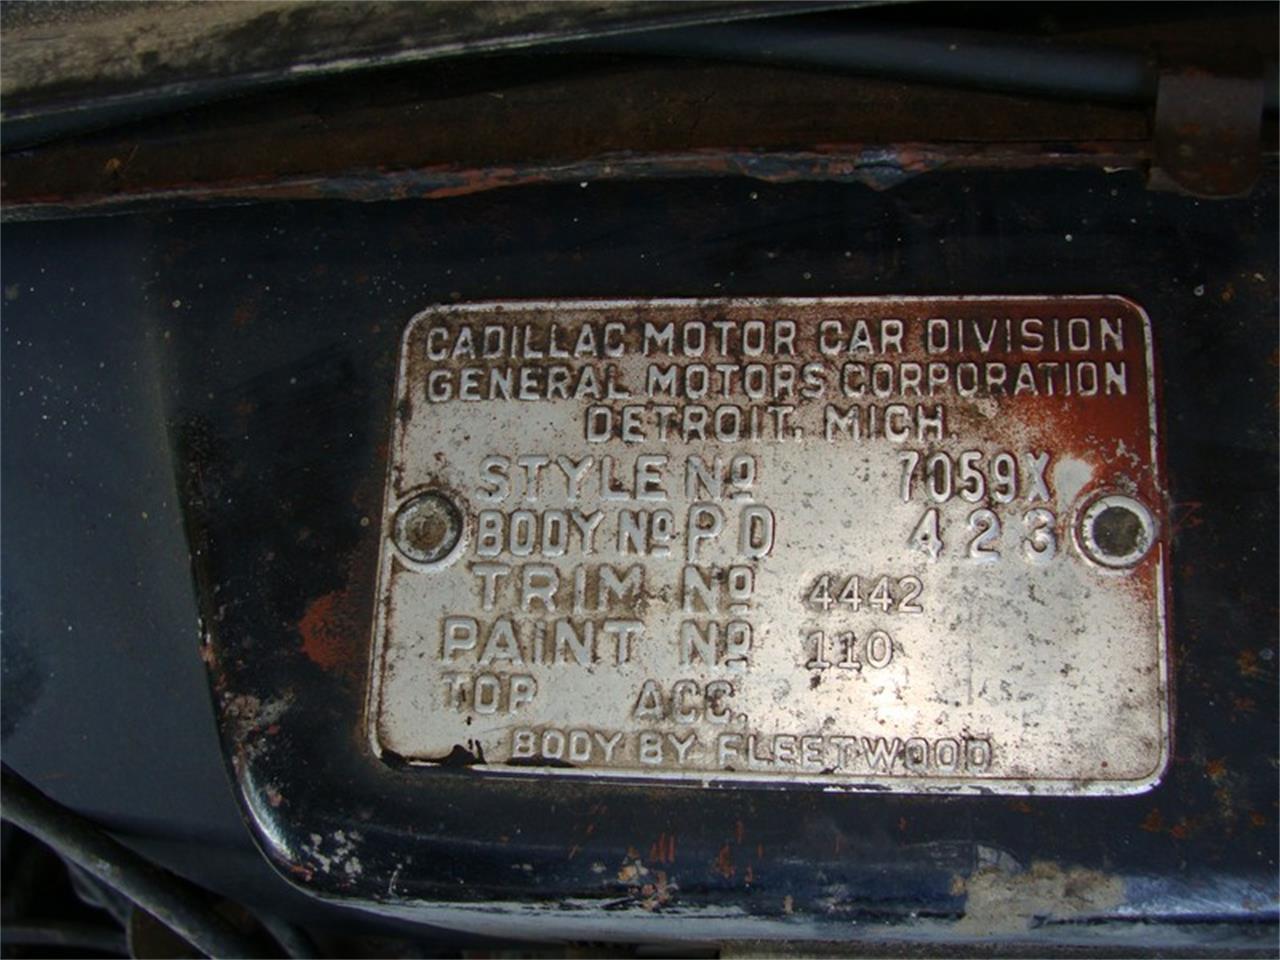 Large Picture of 1958 Cadillac Eldorado Brougham - $30,000.00 - QELZ